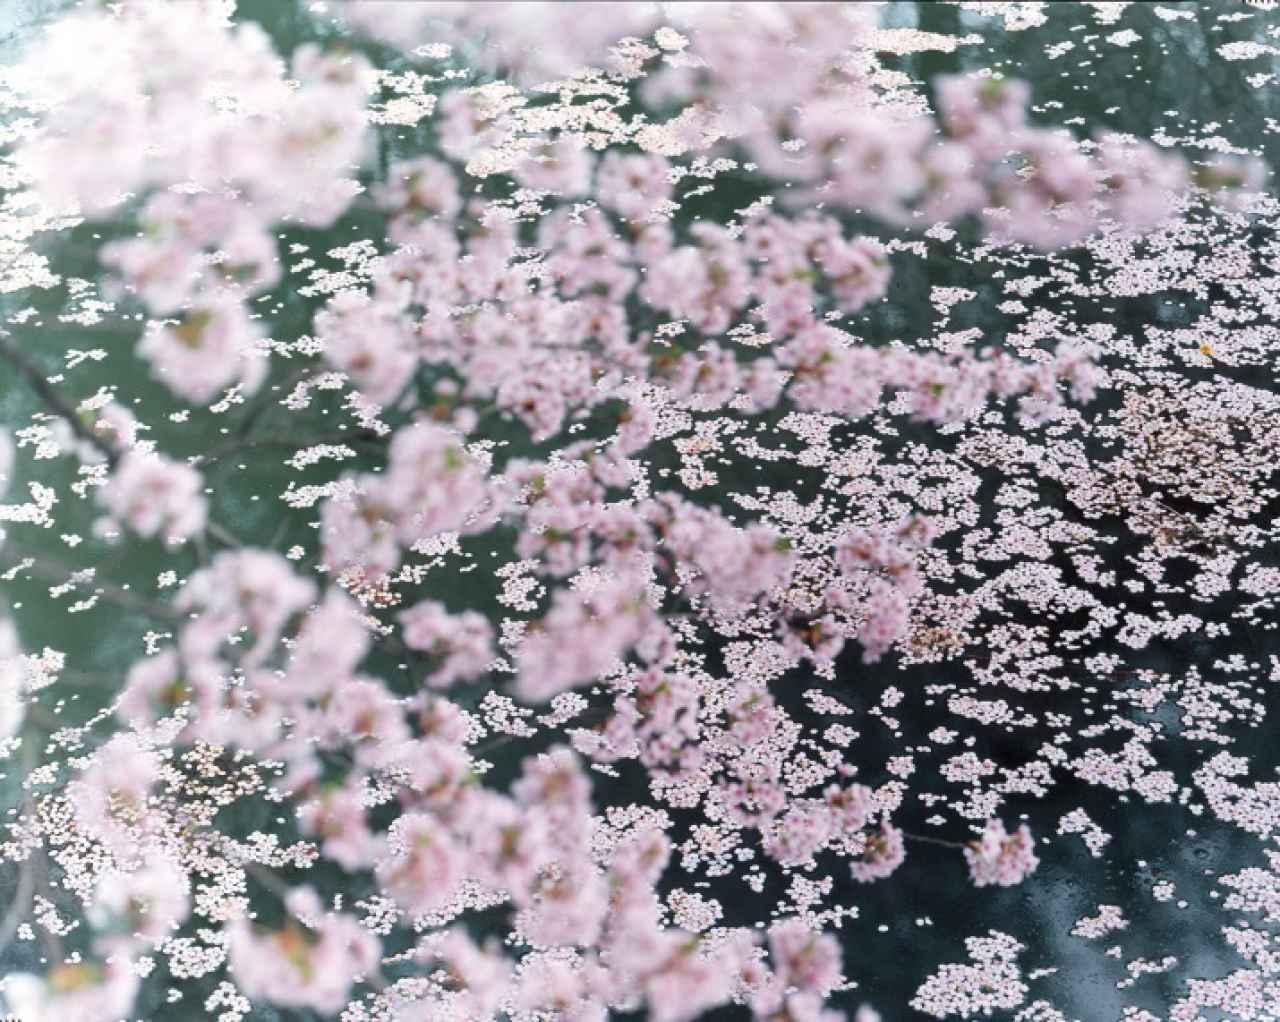 Risaku Suzuki, SAKURA 16,4-11 - The South Edition